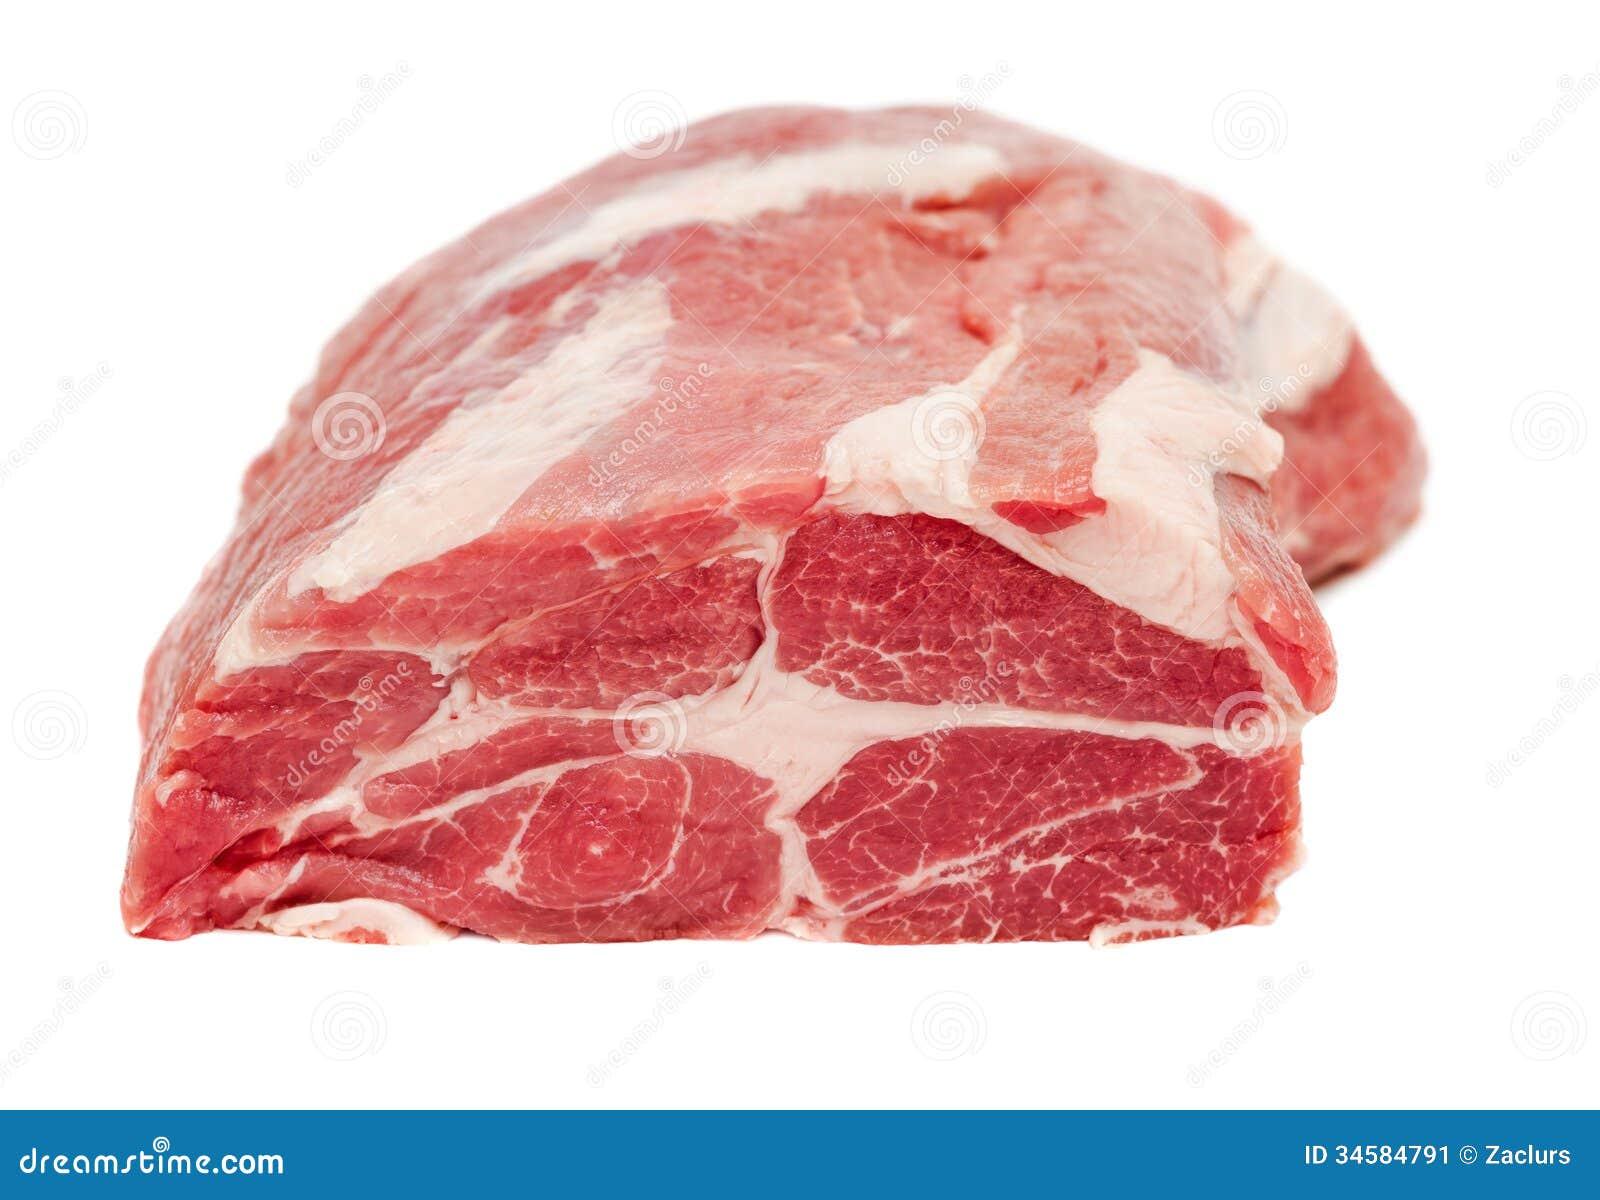 Carbonade de cou de porc image stock image 34584791 - Carbonade de porc grillee ...